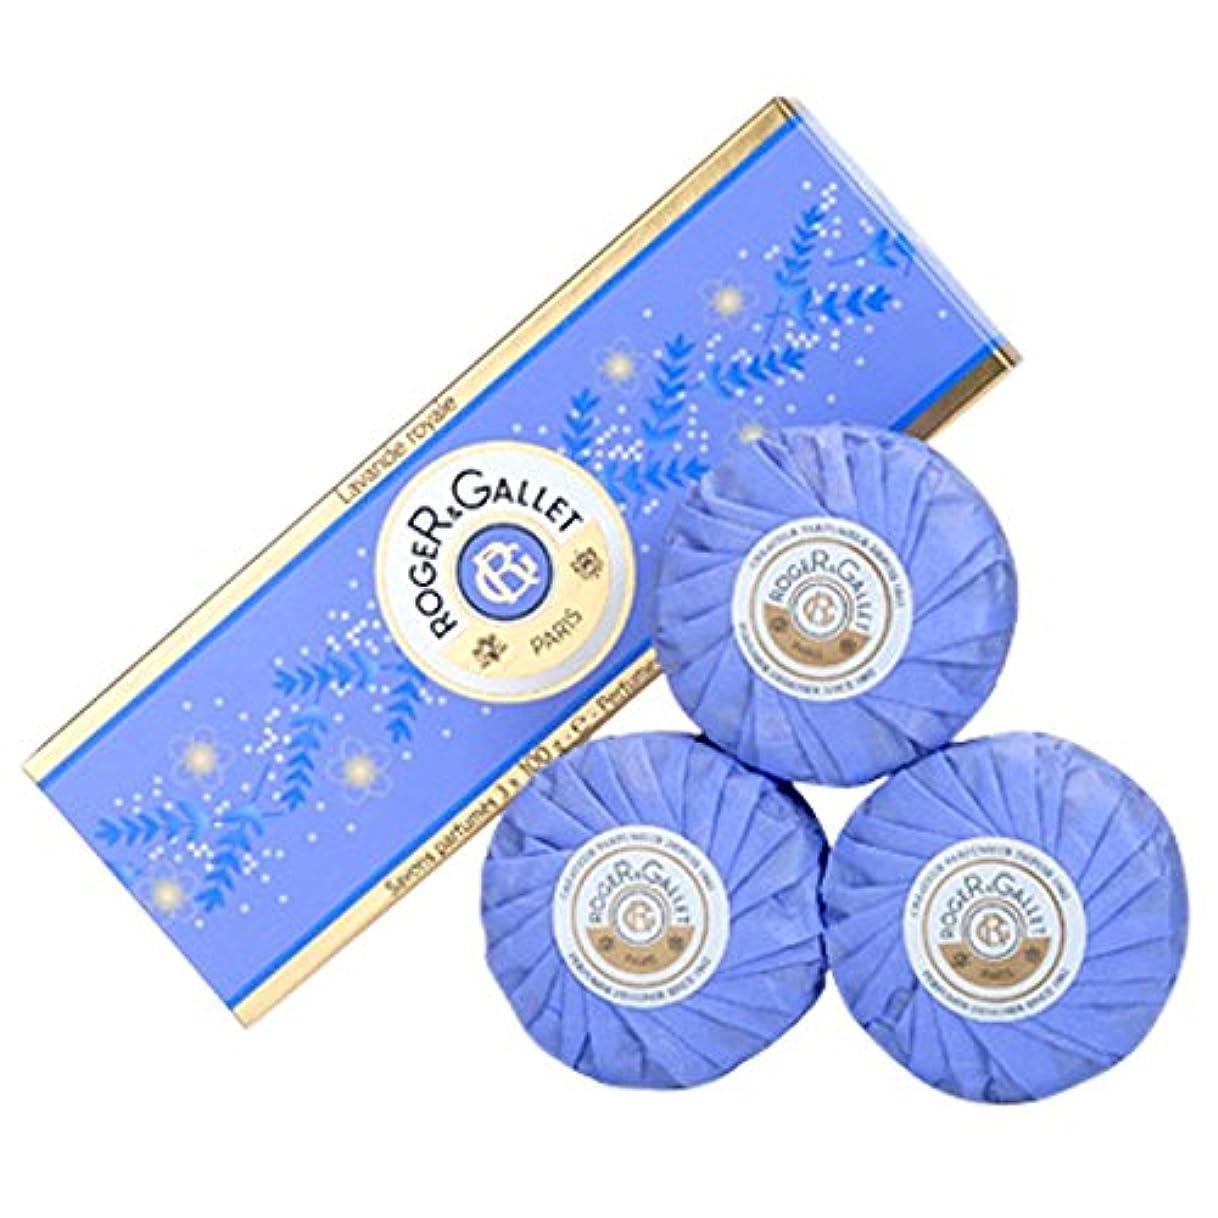 外部強風赤ちゃんロジャー&Galletのラバンデロワイヤルソープコフレ3つのX 100グラム (Roger & Gallet) (x6) - Roger & Gallet Lavande Royale Soap Coffret 3 x...